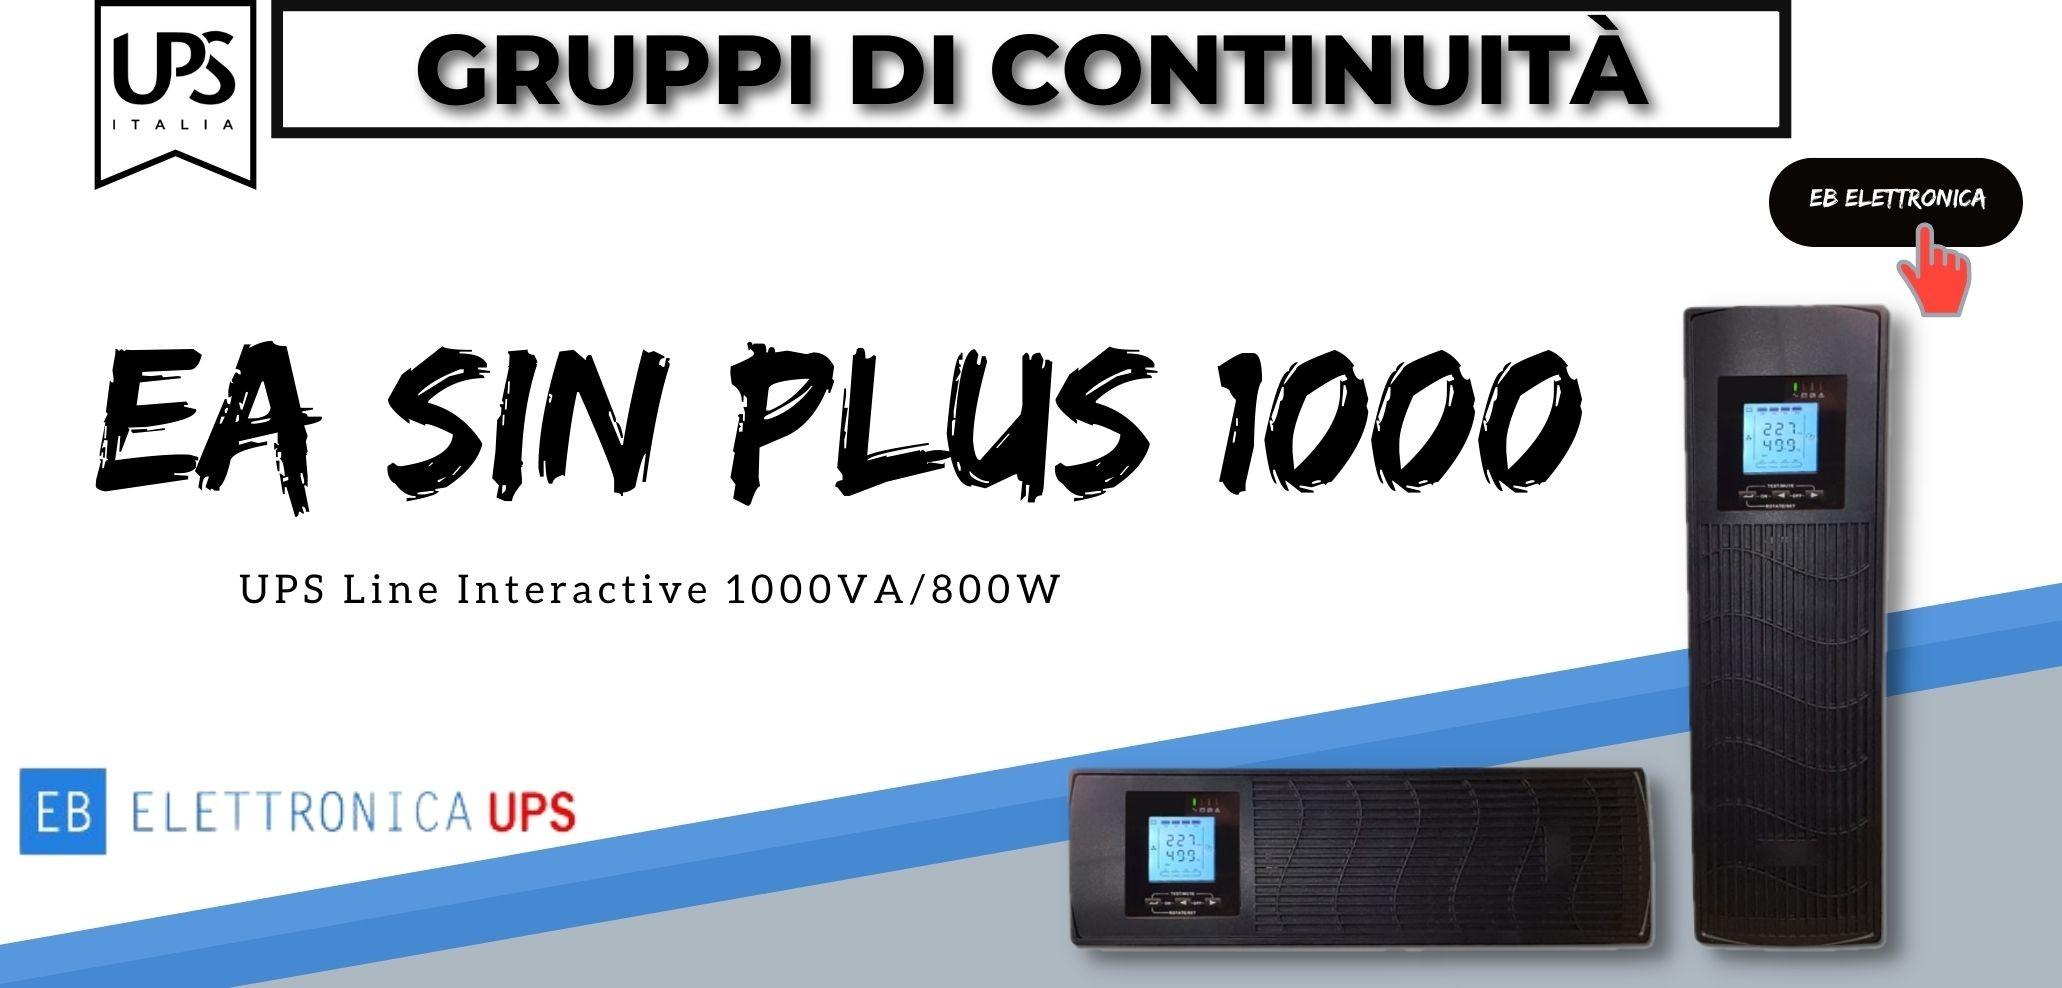 EA SIN PLUS 1000 - Gruppo di Continuità - UPS Line Interactive 1000VA/800W